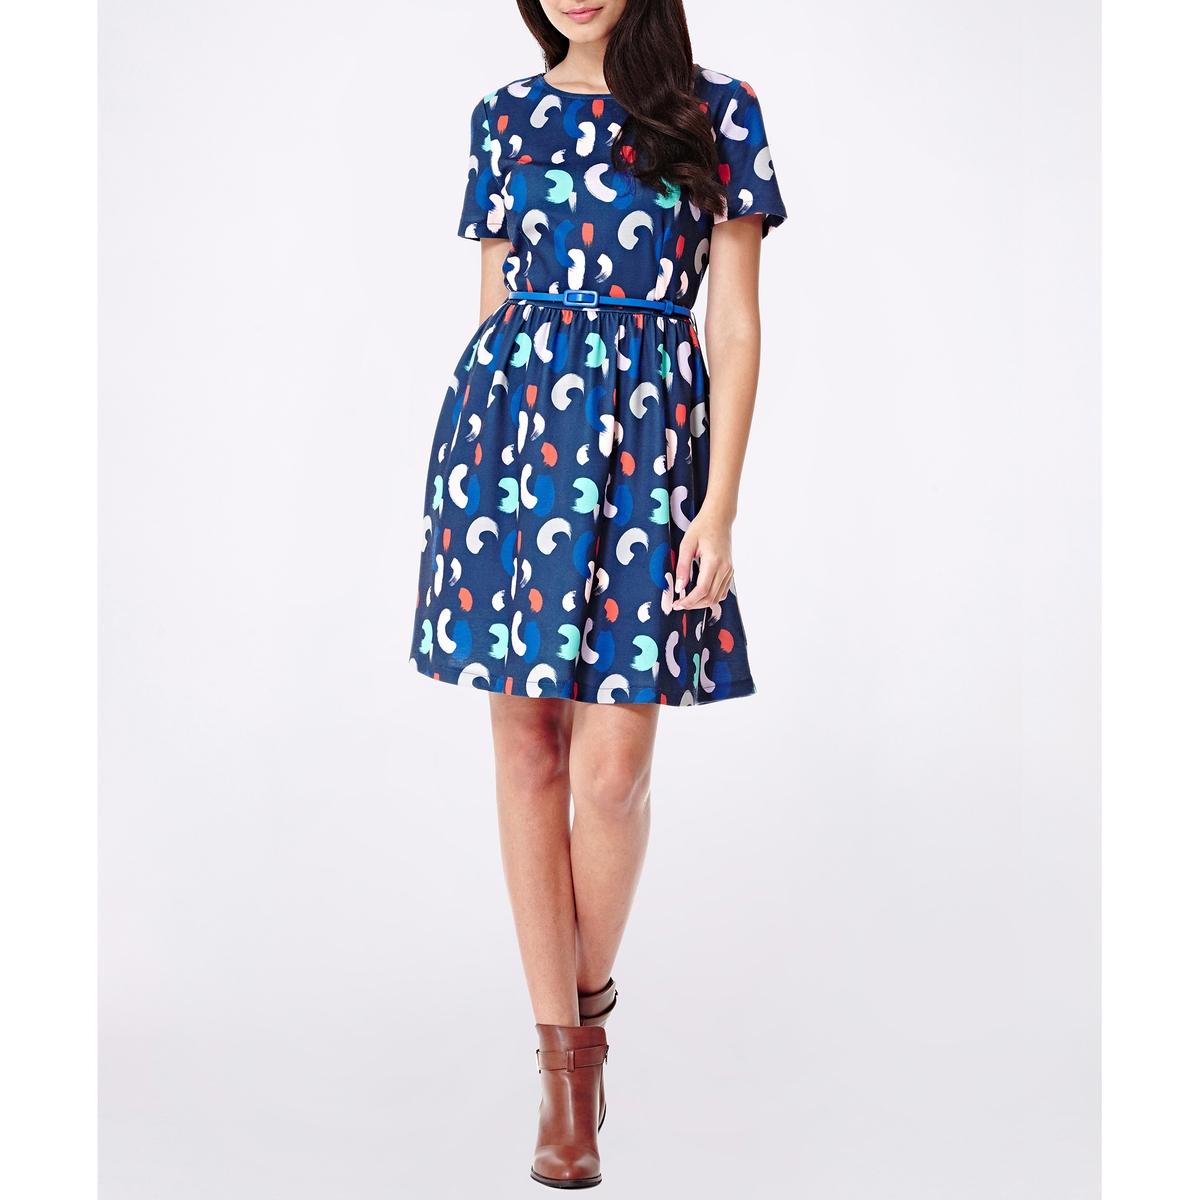 Платье расклешенное с рисунком и короткими рукавами платье расклешенное с короткими рукавами